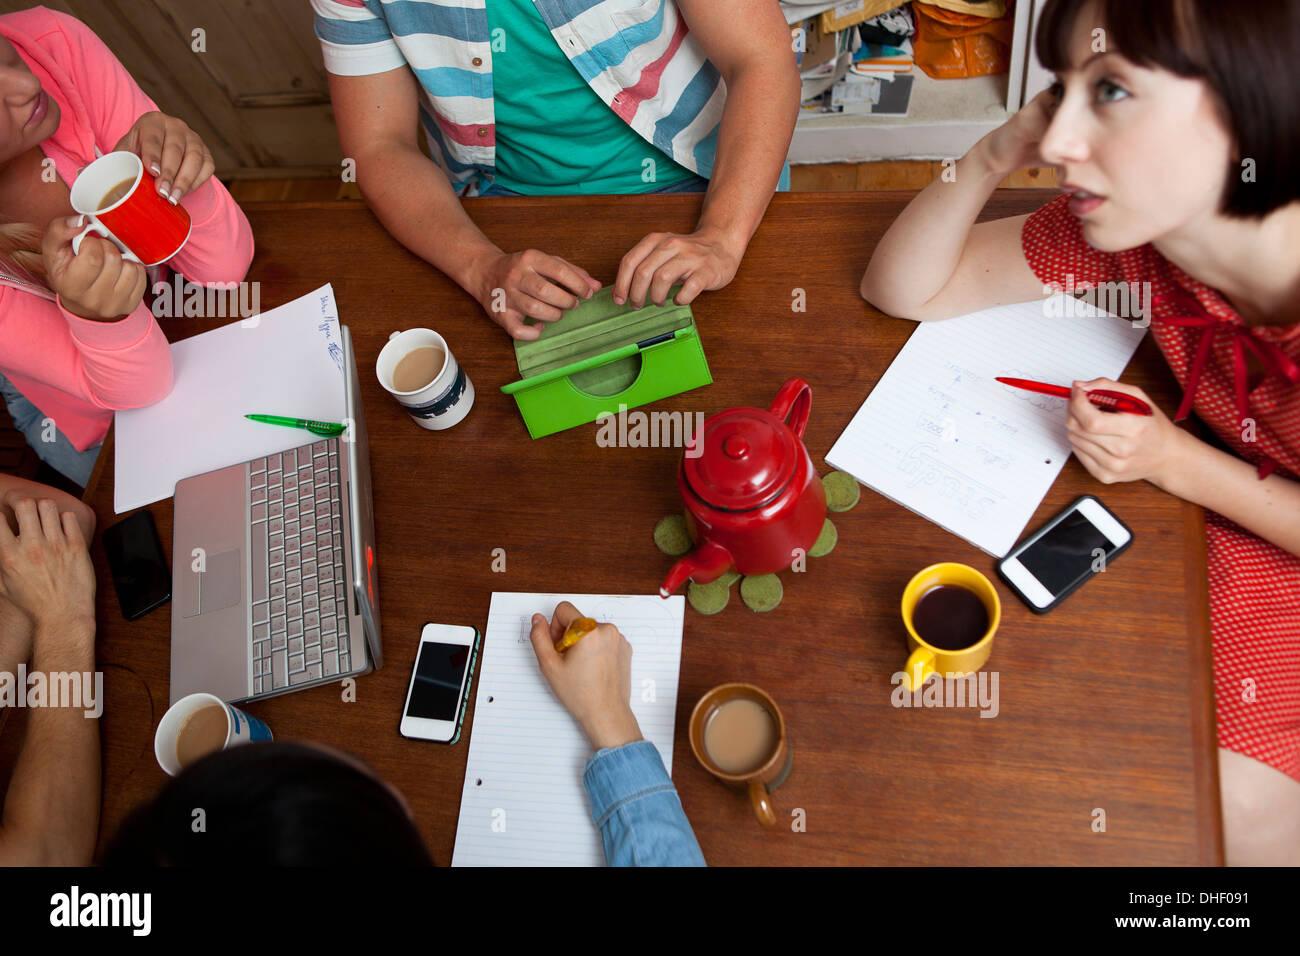 Réflexion autour de la table de cuisine sur Shangaï Photo Stock